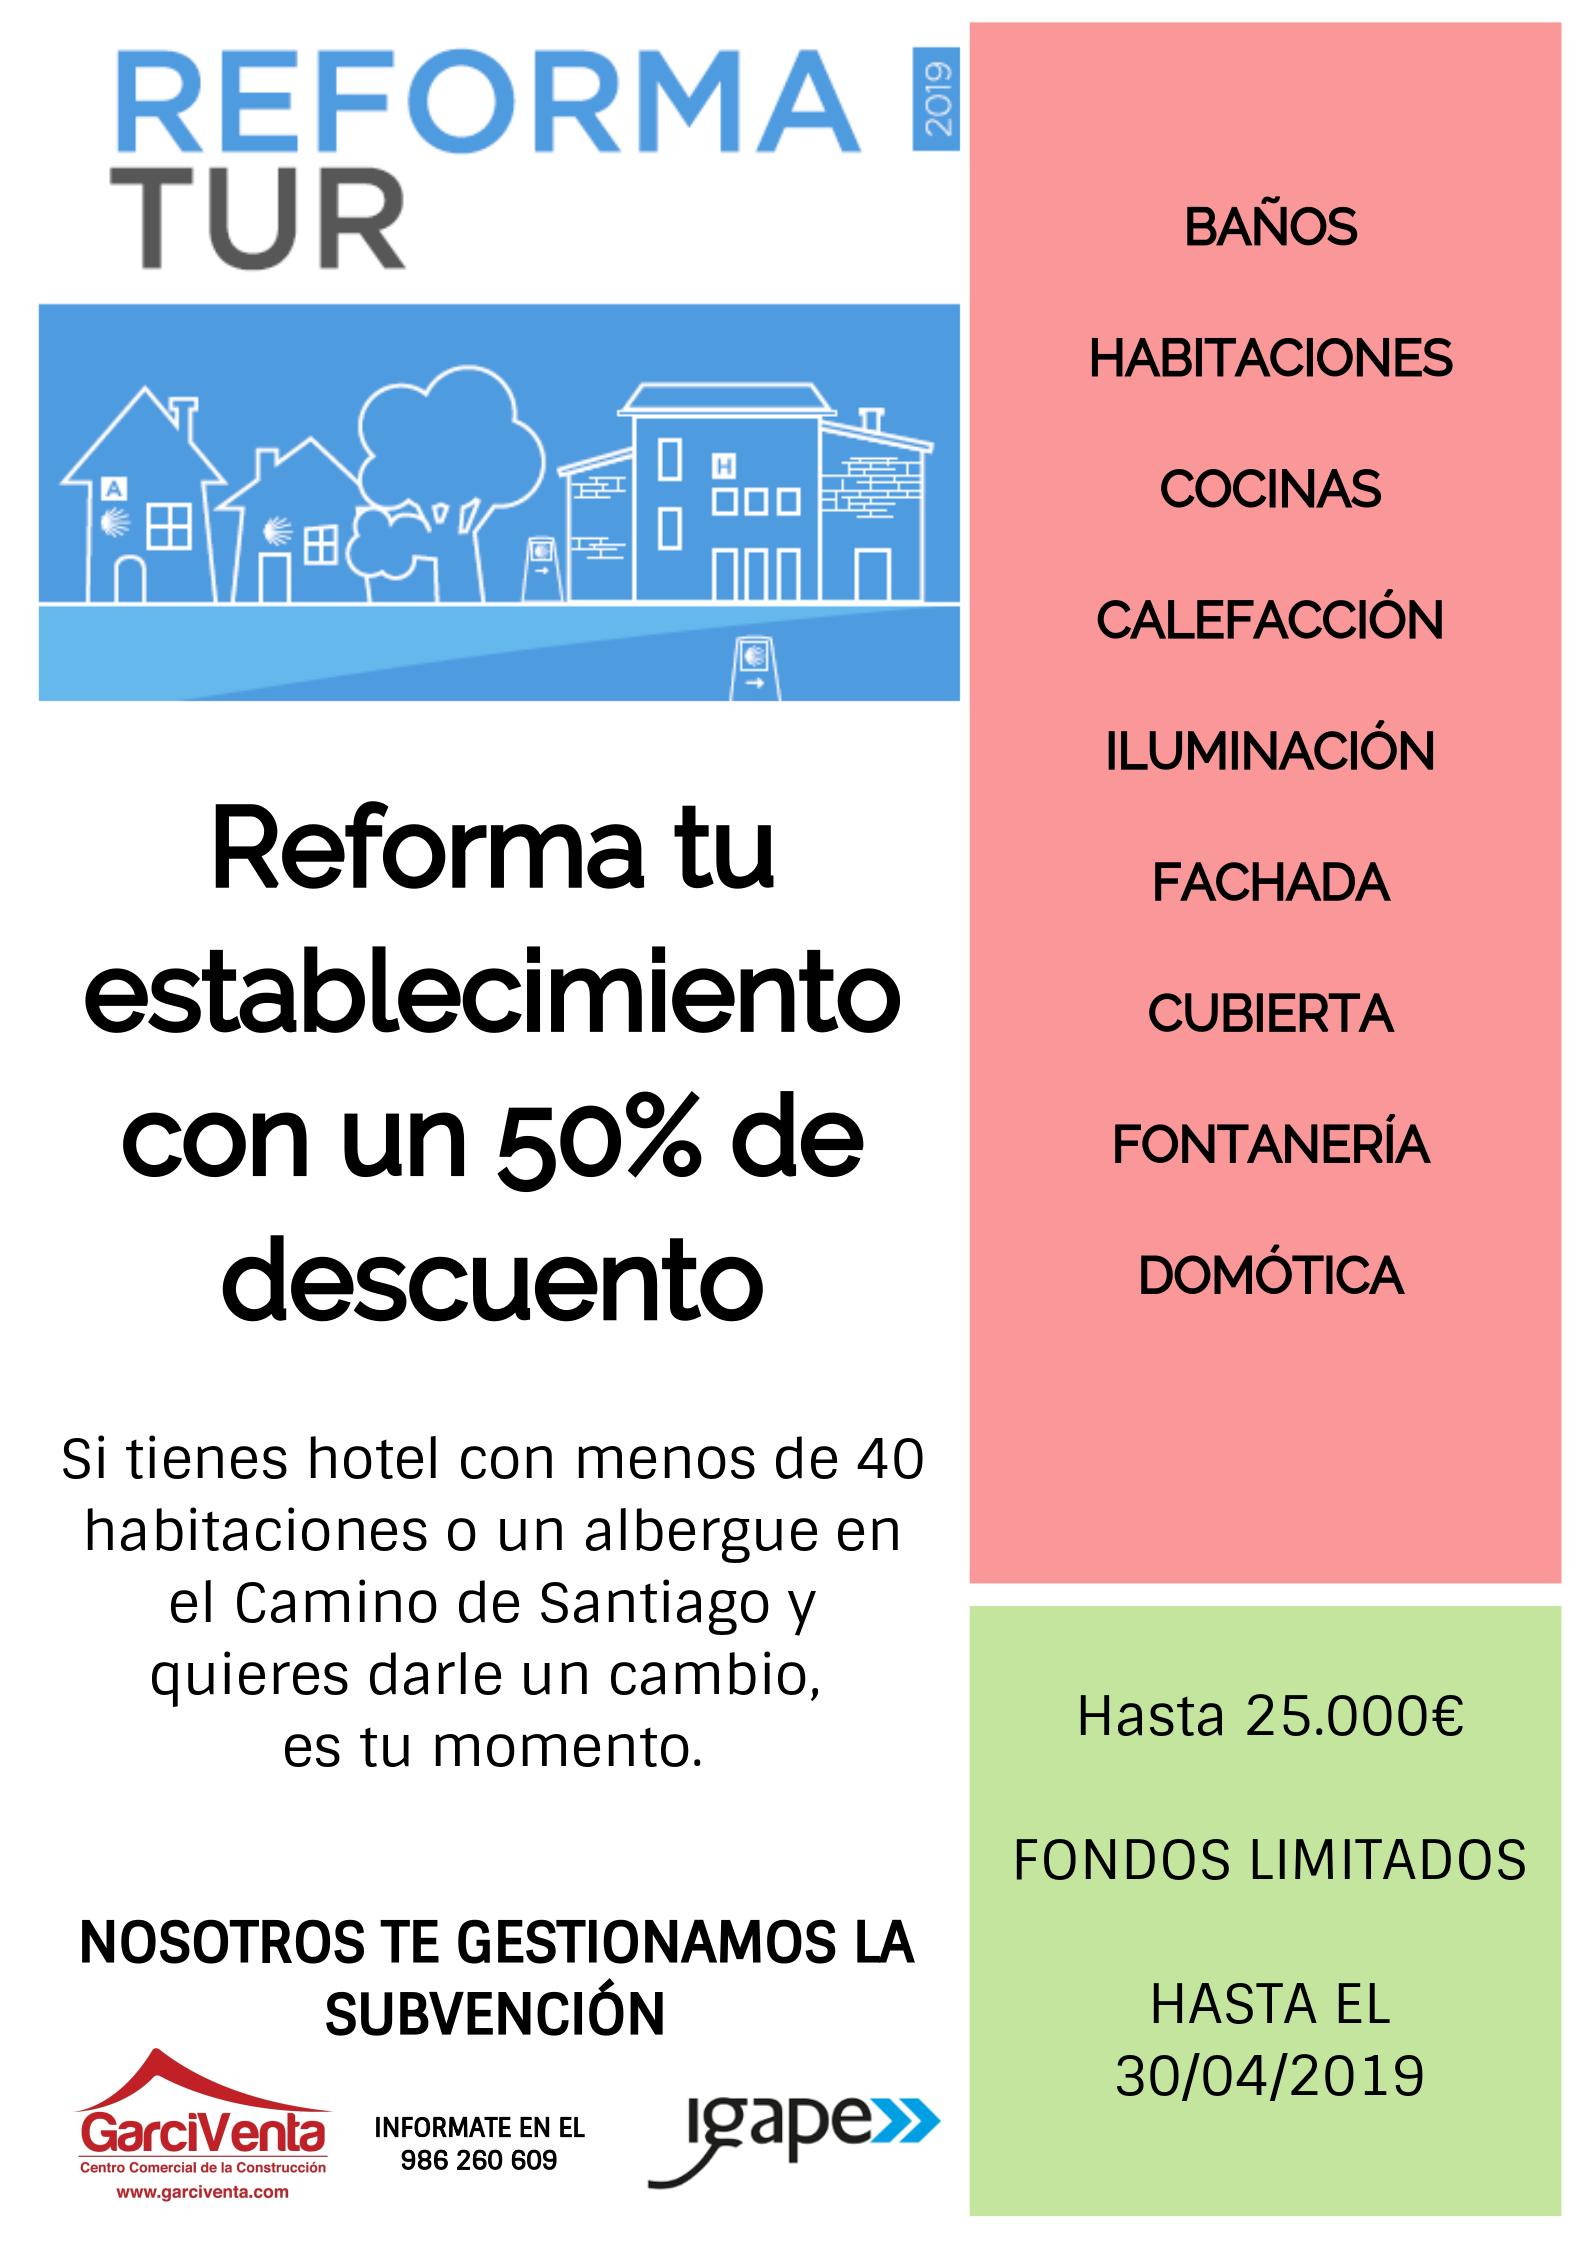 plan reforma tur 19, planreformatur19, igape, ayudas, subvenciones,